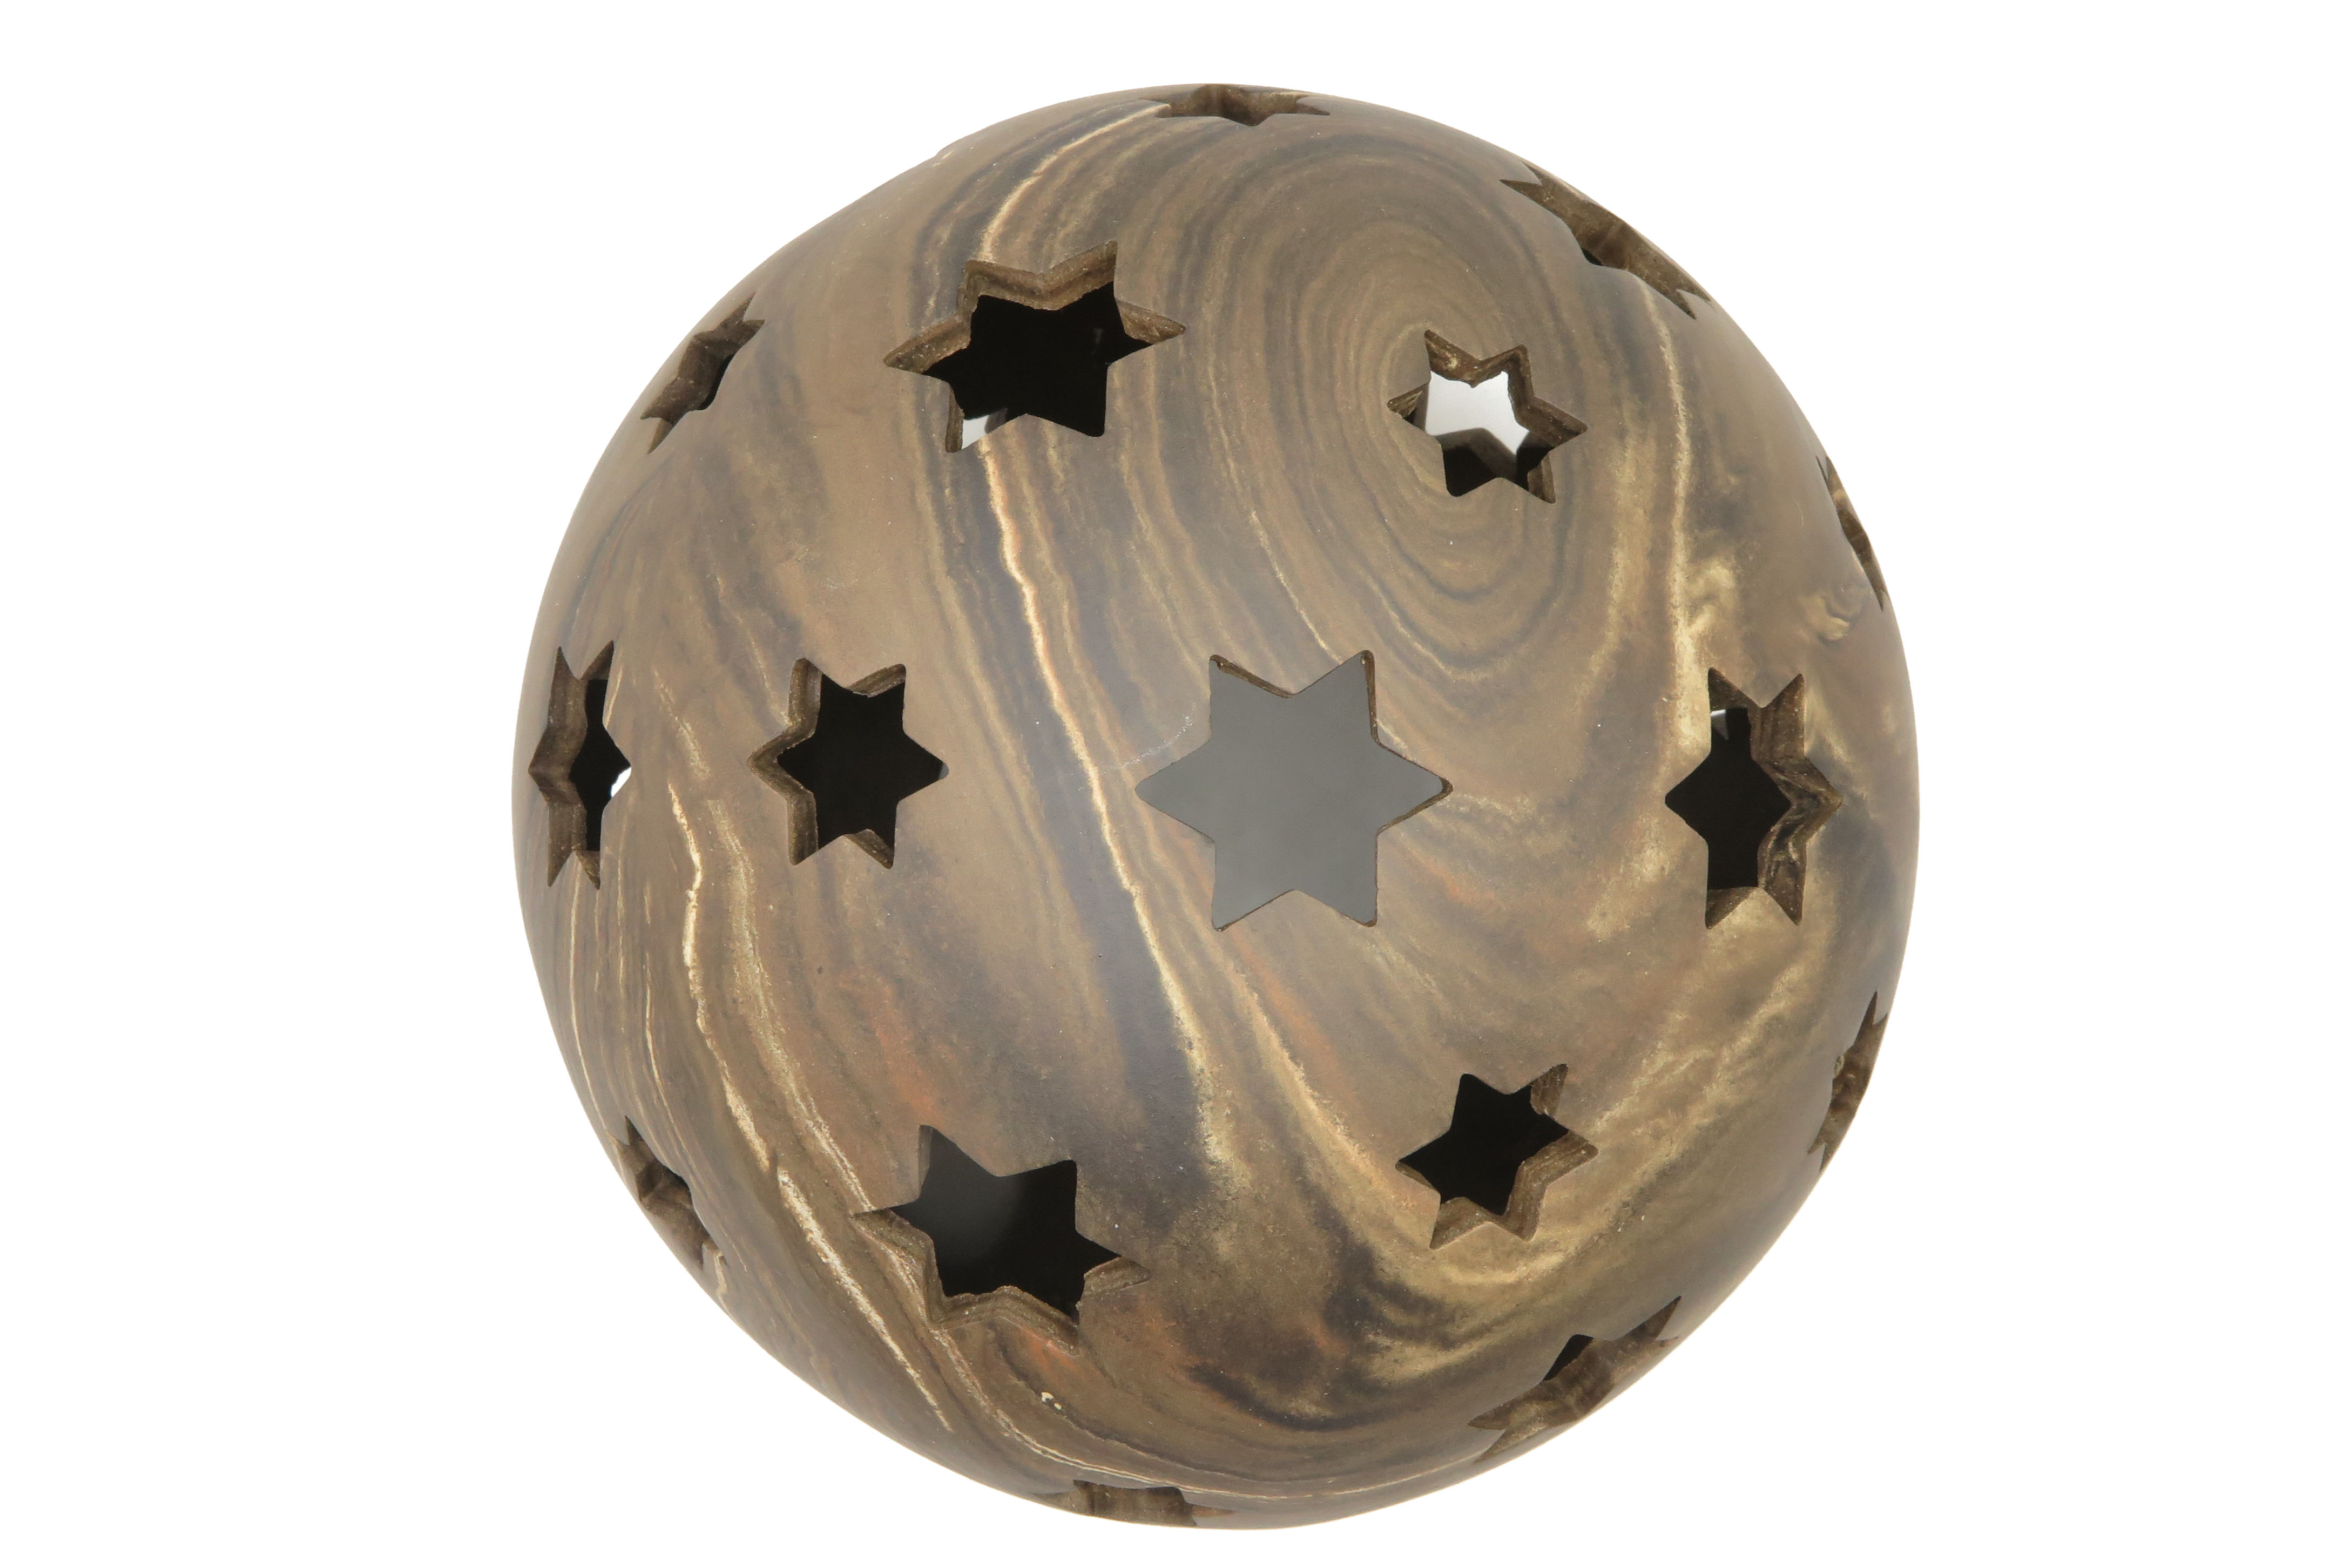 Kugel zum Beleuchten in Stein/ Holz Optik/ M 23 cm